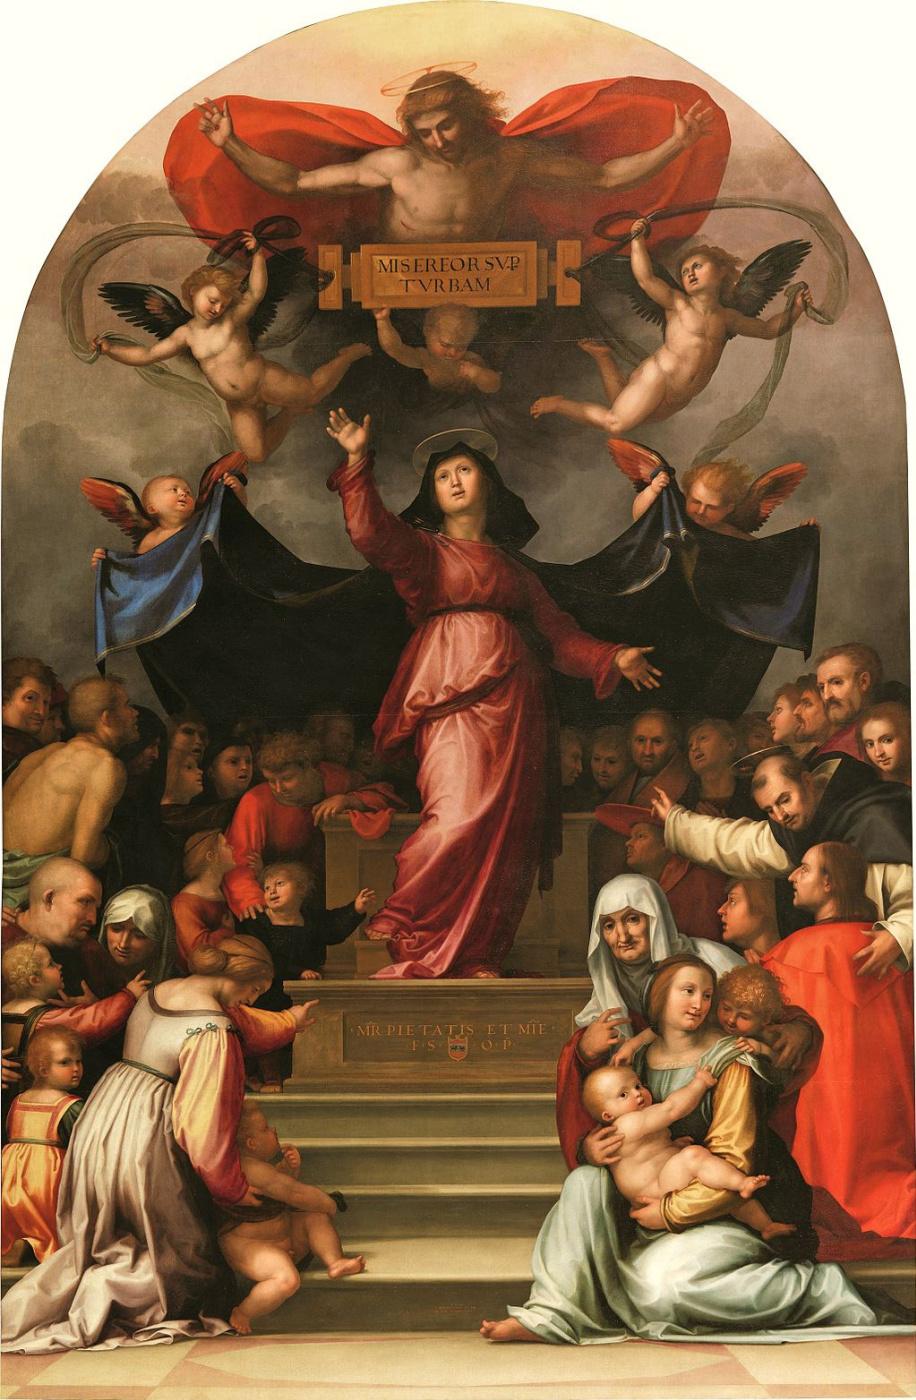 Фра Бартоломео. Богоматерь Всемилостивая (Madonna della Misericordia)